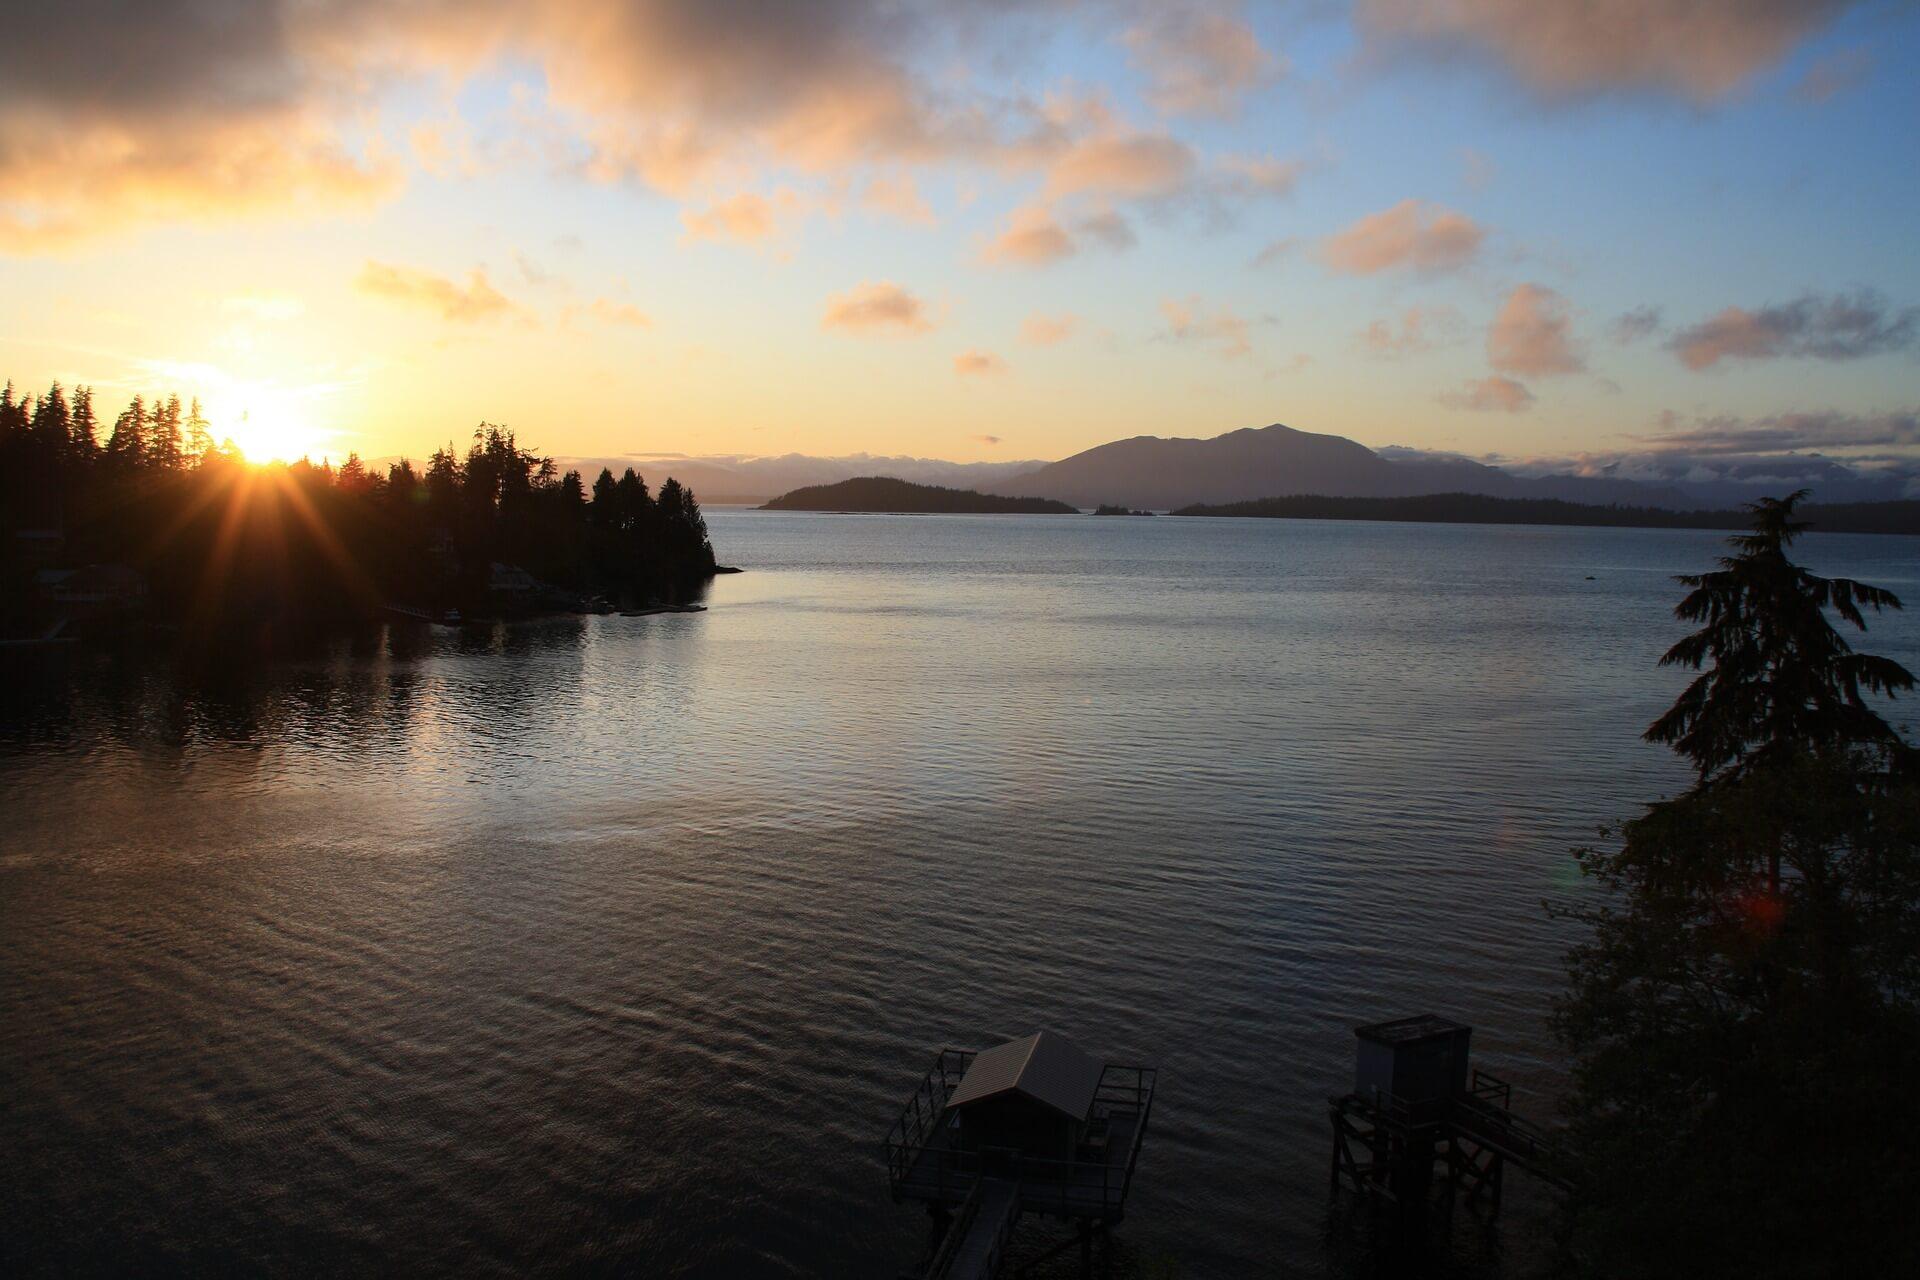 Picture for Port Alberni, BC